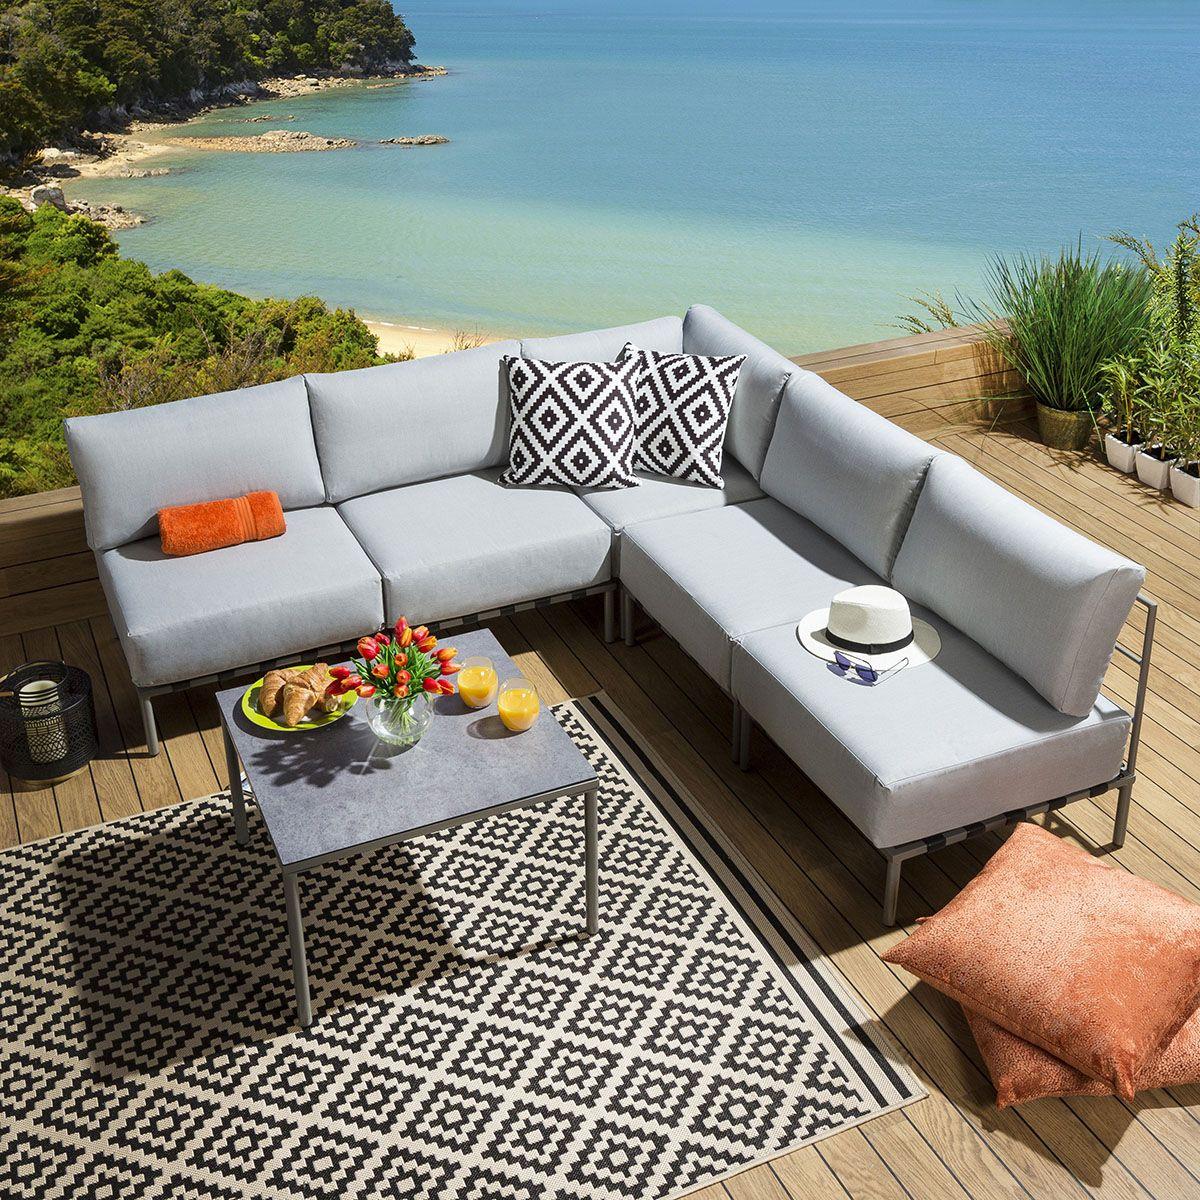 Pin On Sofa Cushions Arrangements